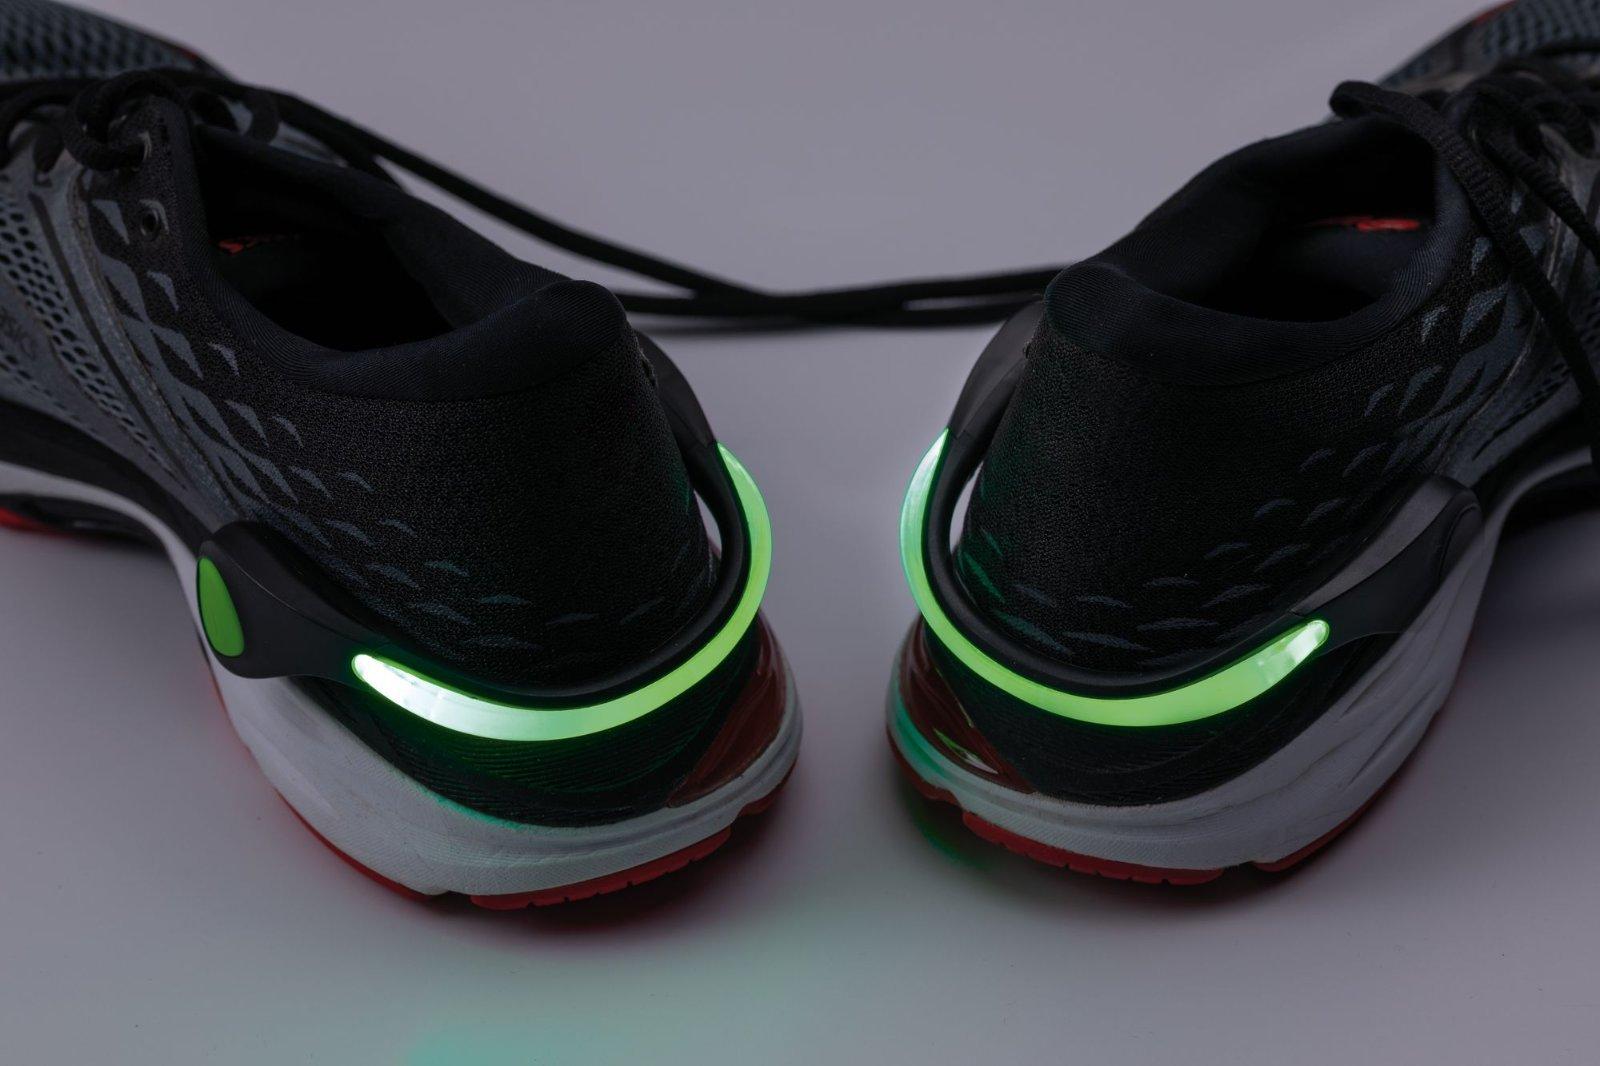 Светодиодное браслет на кроссовки со светодиодной подсветкой Paulmann Shoe Clip 70972, LED 0,2W, черно-белый, черный, пластик - фото 5